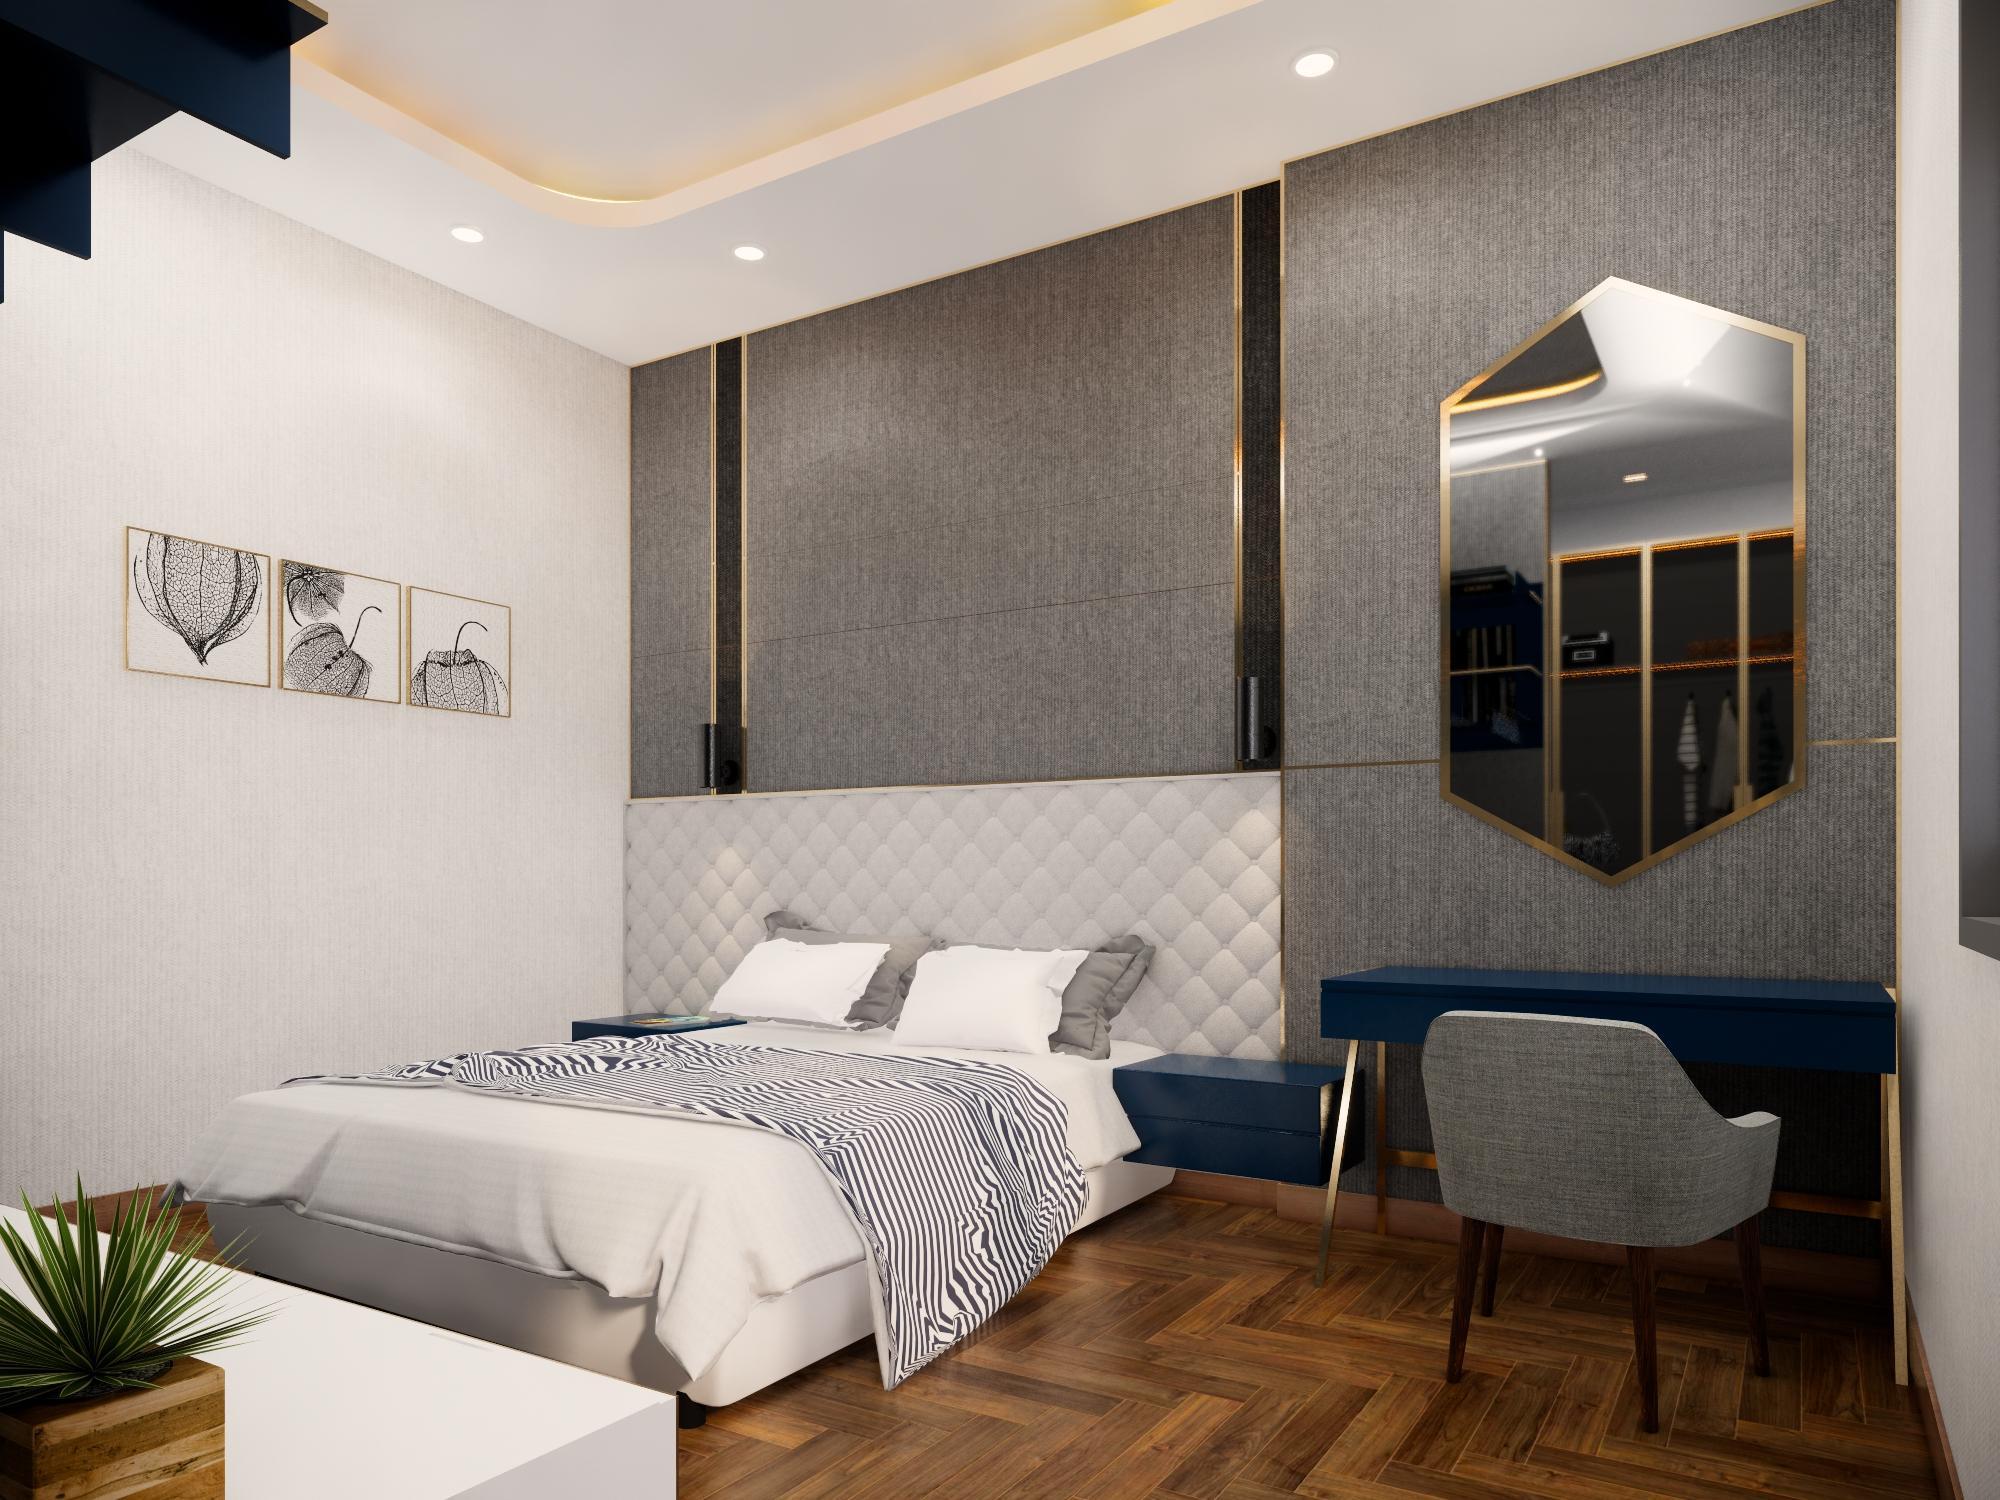 Thiết kế nội thất Nhà tại Bình Thuận NHÀ PHỐ I TRẦN THỊ PHƯƠNG LAN 1574139985 10